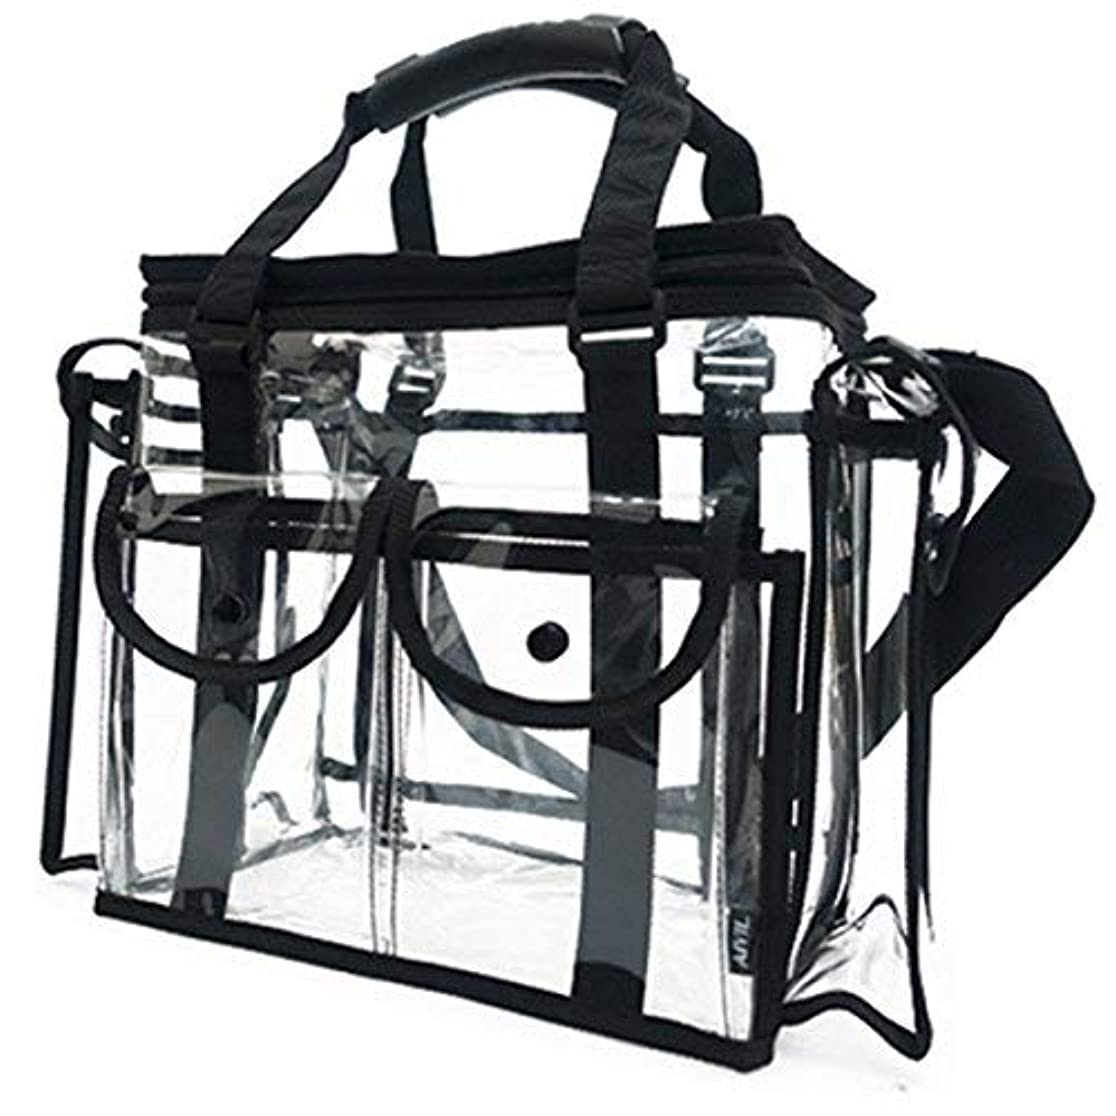 カフェ雪の血統トリコインダストリーズ アイビル クリアロケーションバッグ